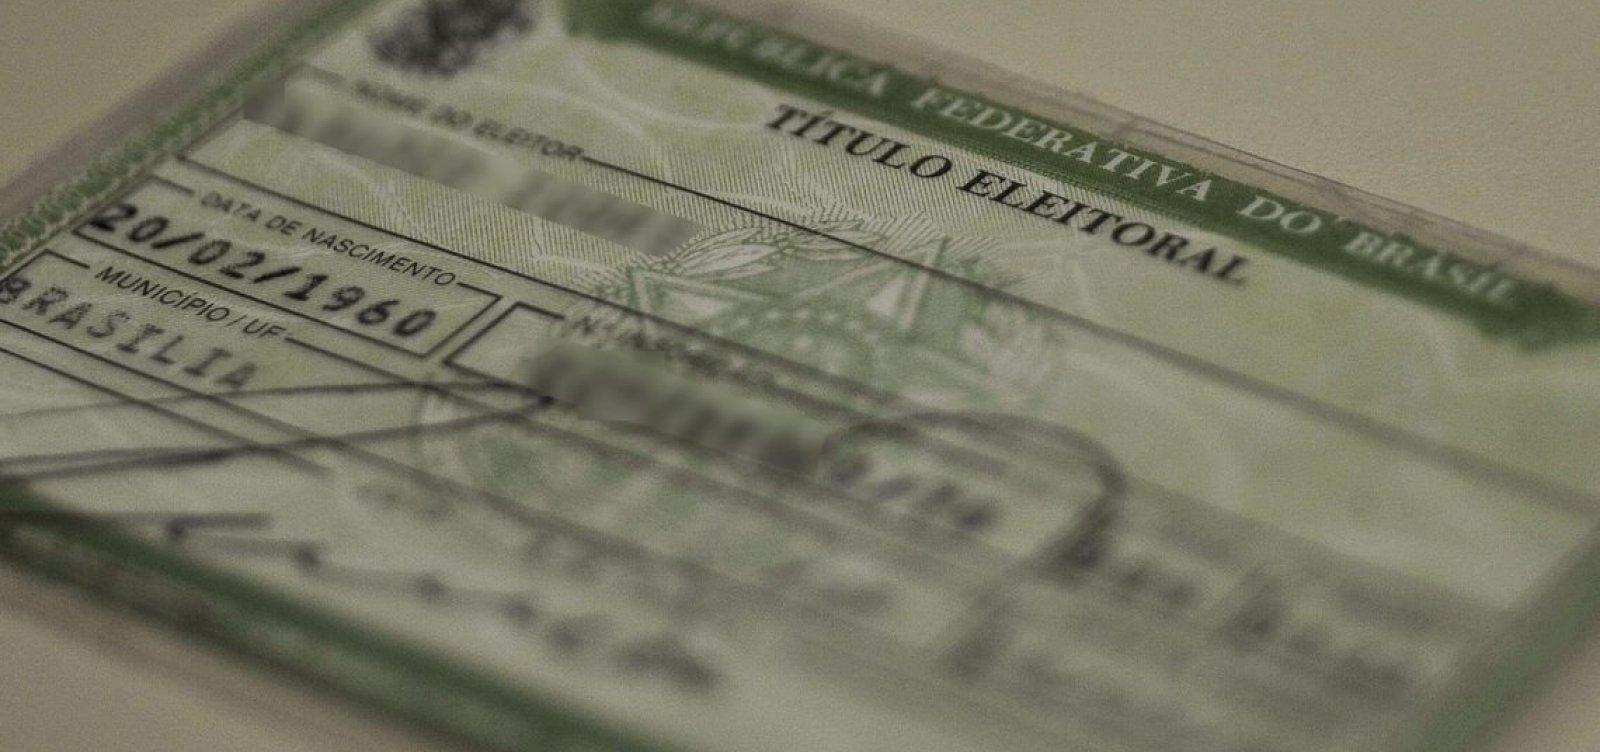 Justiça Eleitoral cancela mais de 90 mil títulos no estado